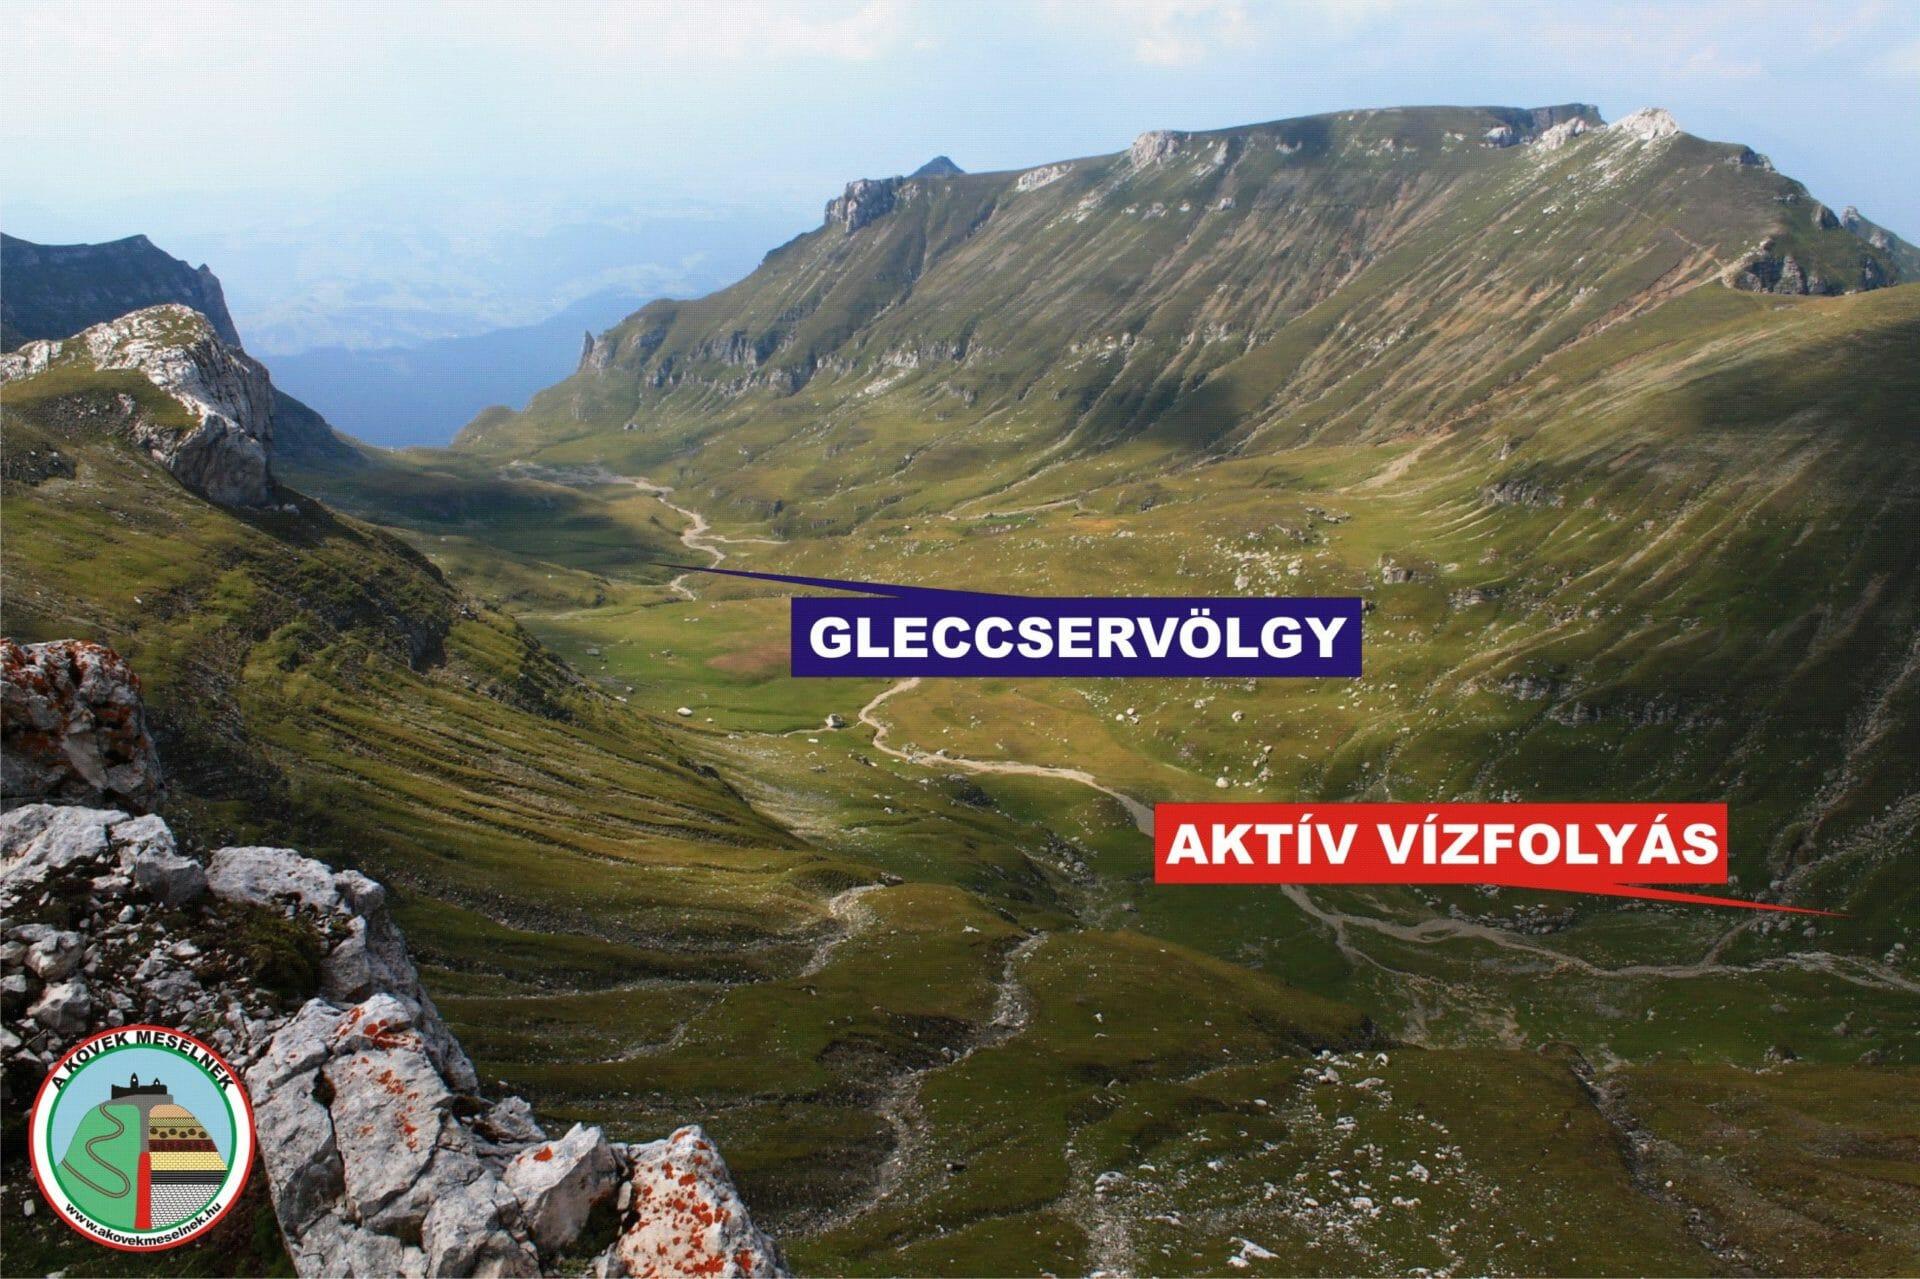 Gleccservölgy (hidroszféra)